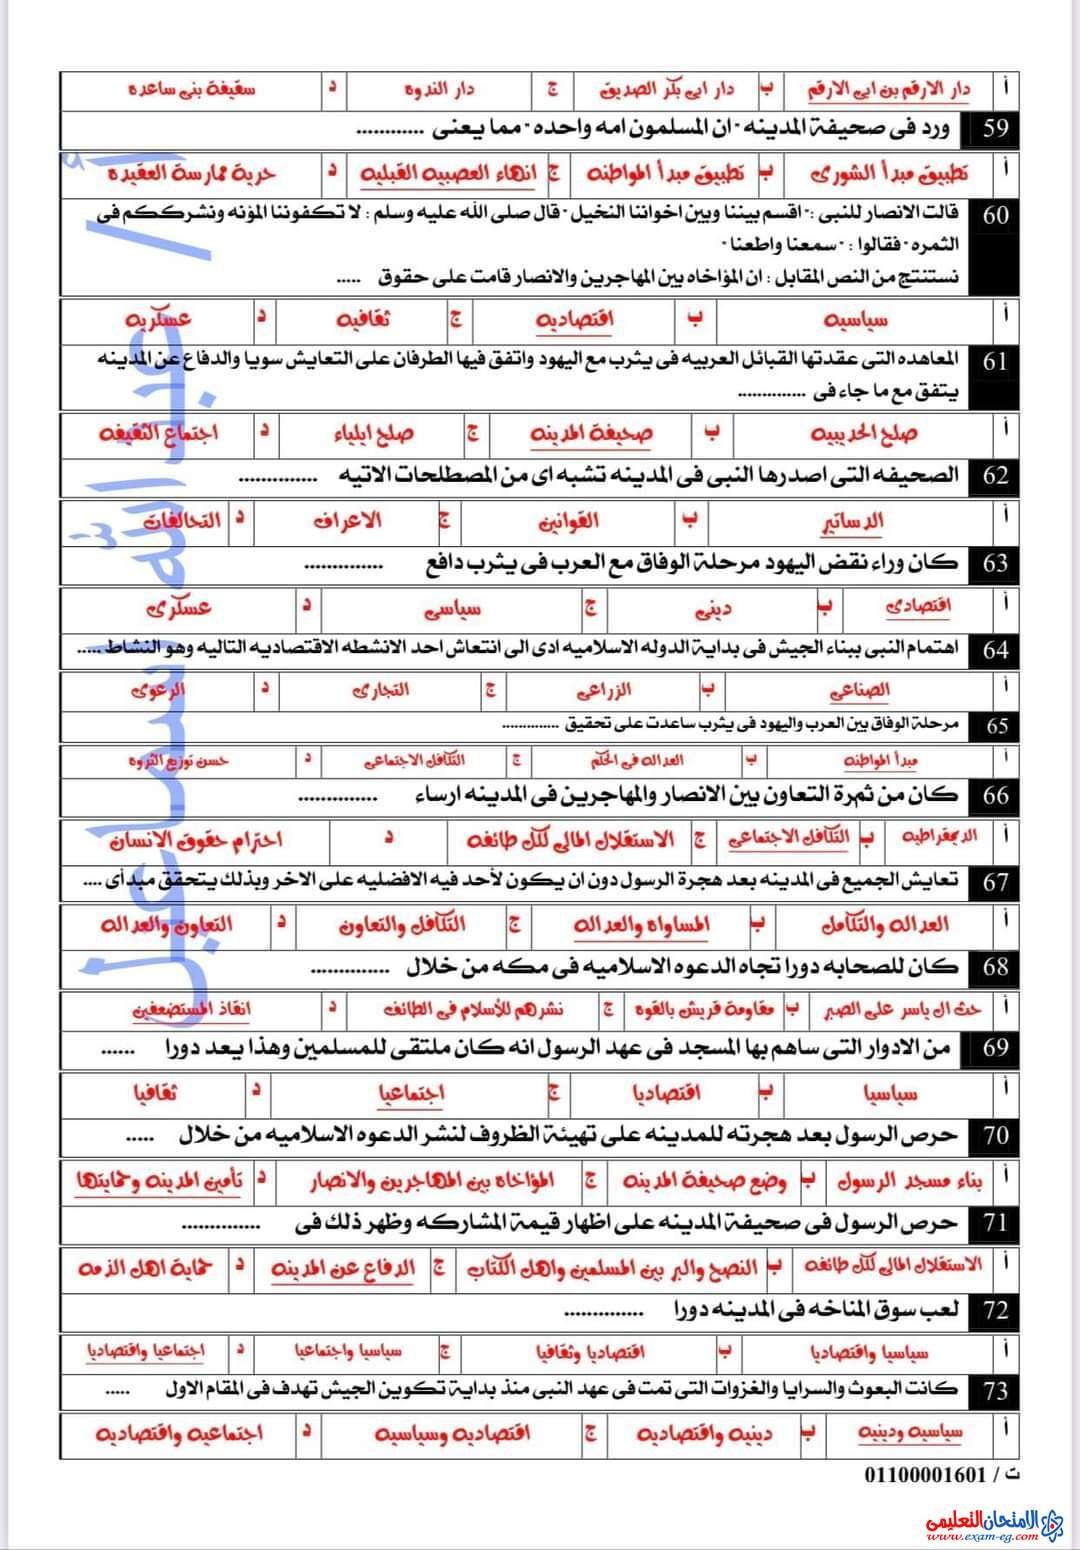 100 سؤال فى التاريخ  بالإجابات بالنظام الجديد للصف الثانى الثانوى الترم الأول 2021